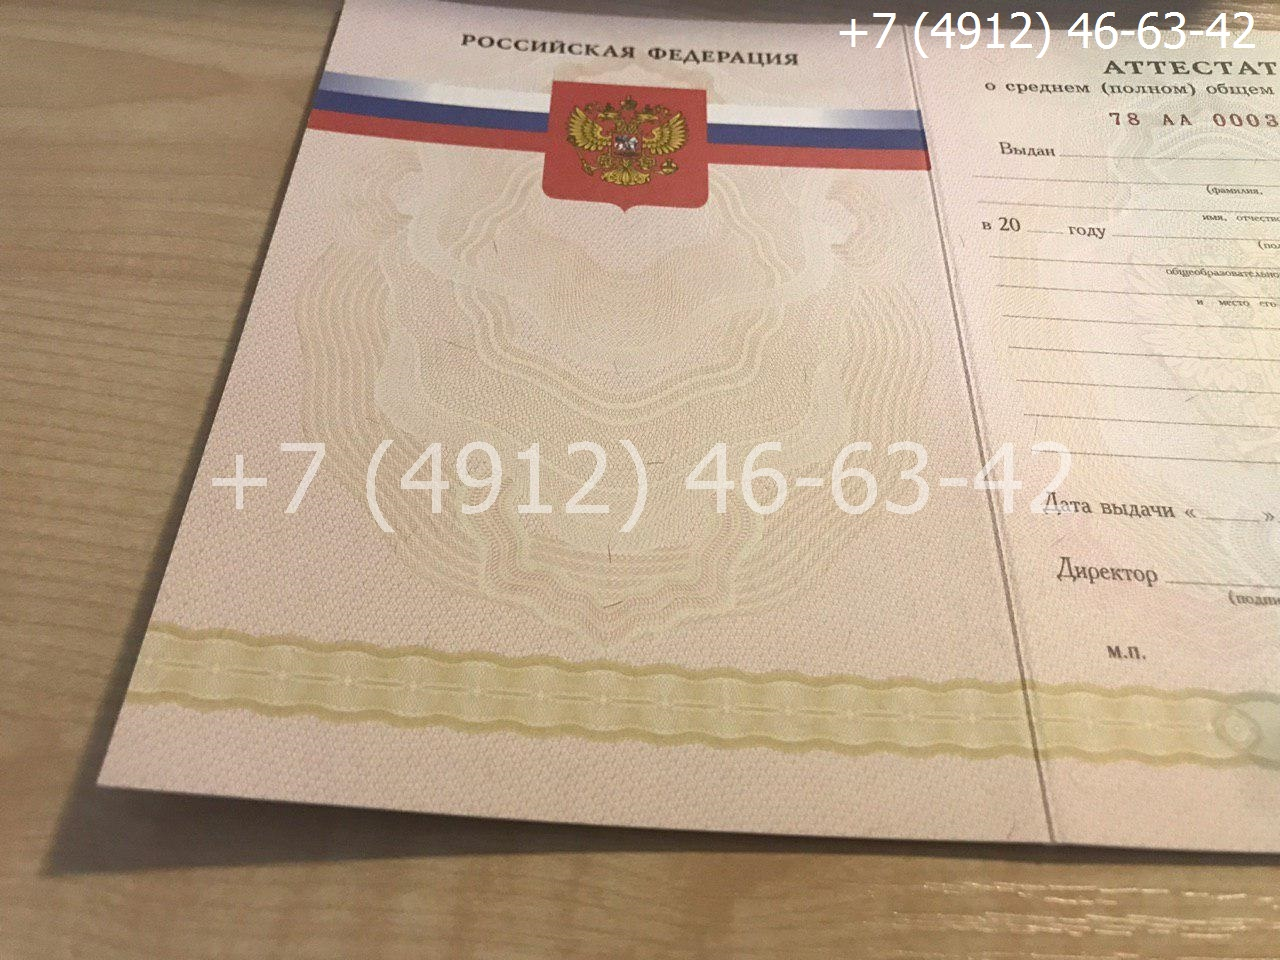 Аттестат 11 класс 2007-2009 годов, образец, титульный лист-1